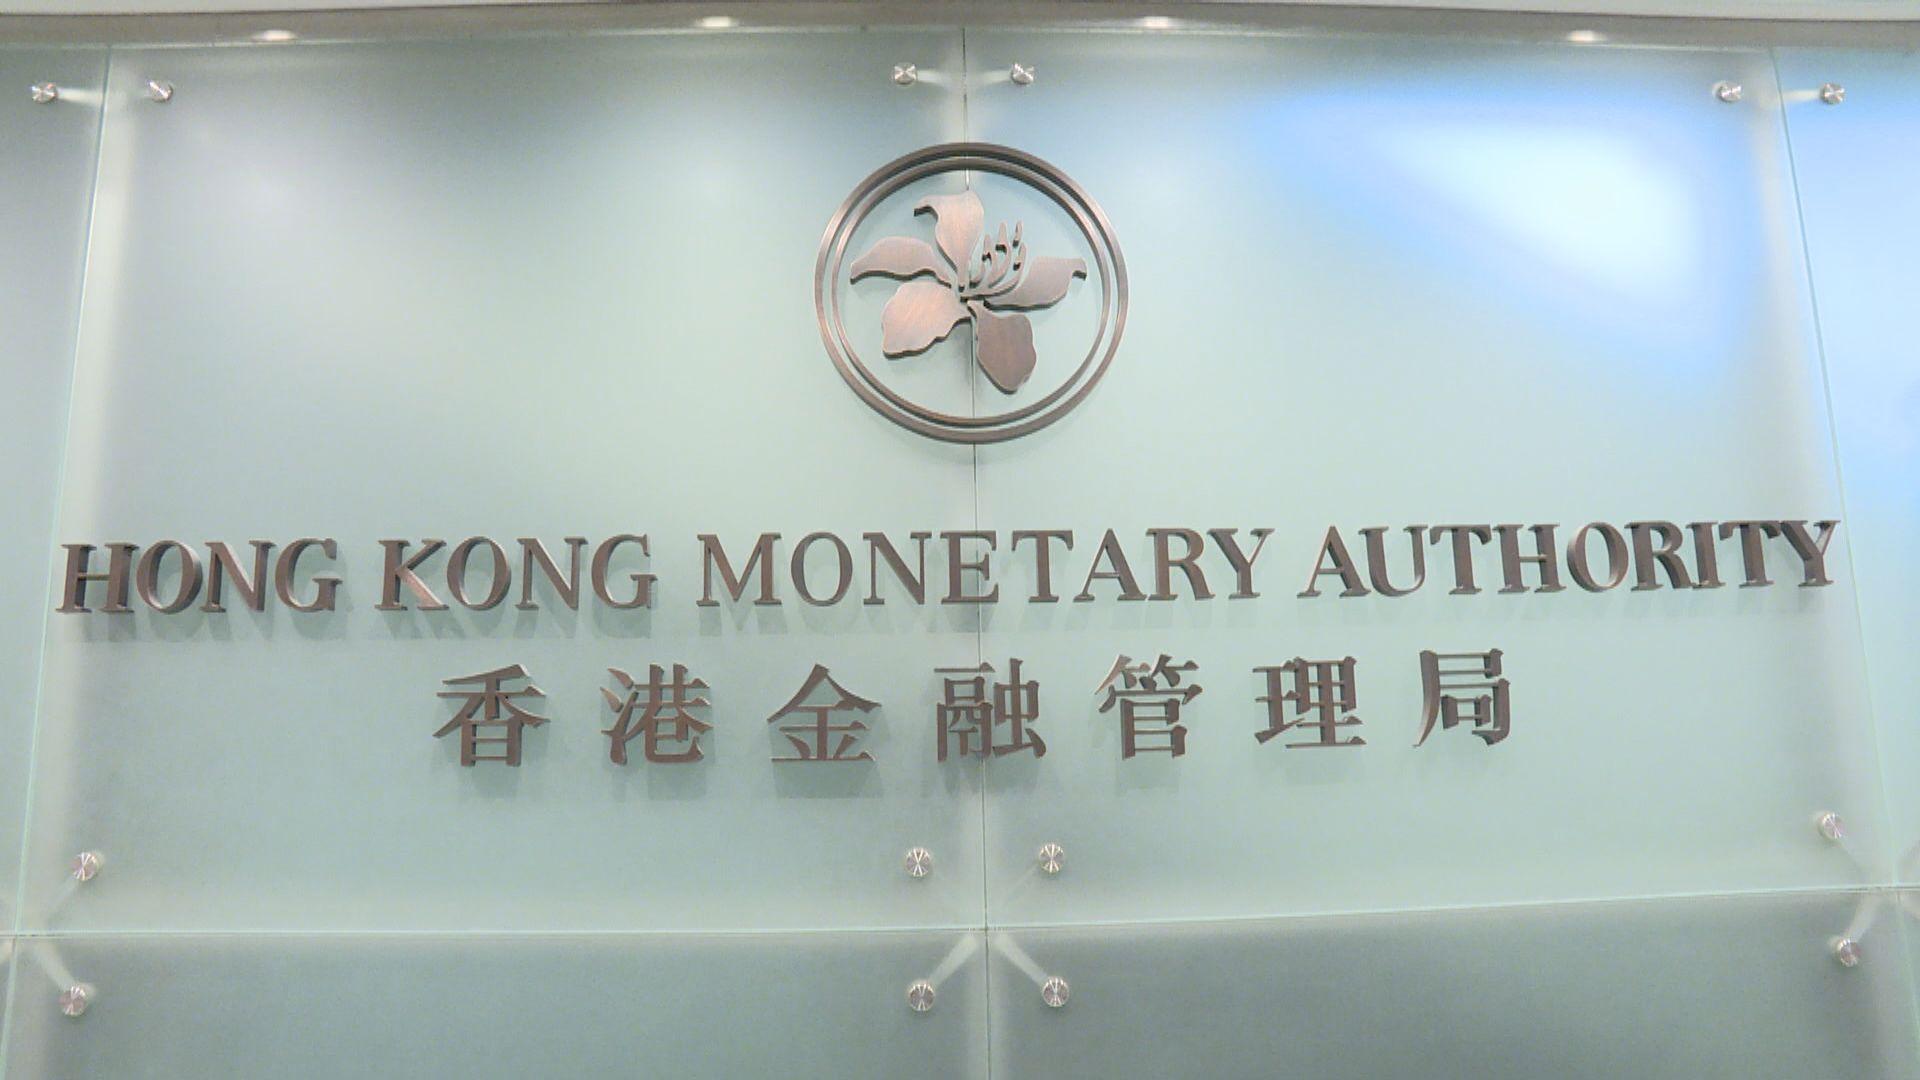 【五度入市】金管局再向市場沽出逾23億港元